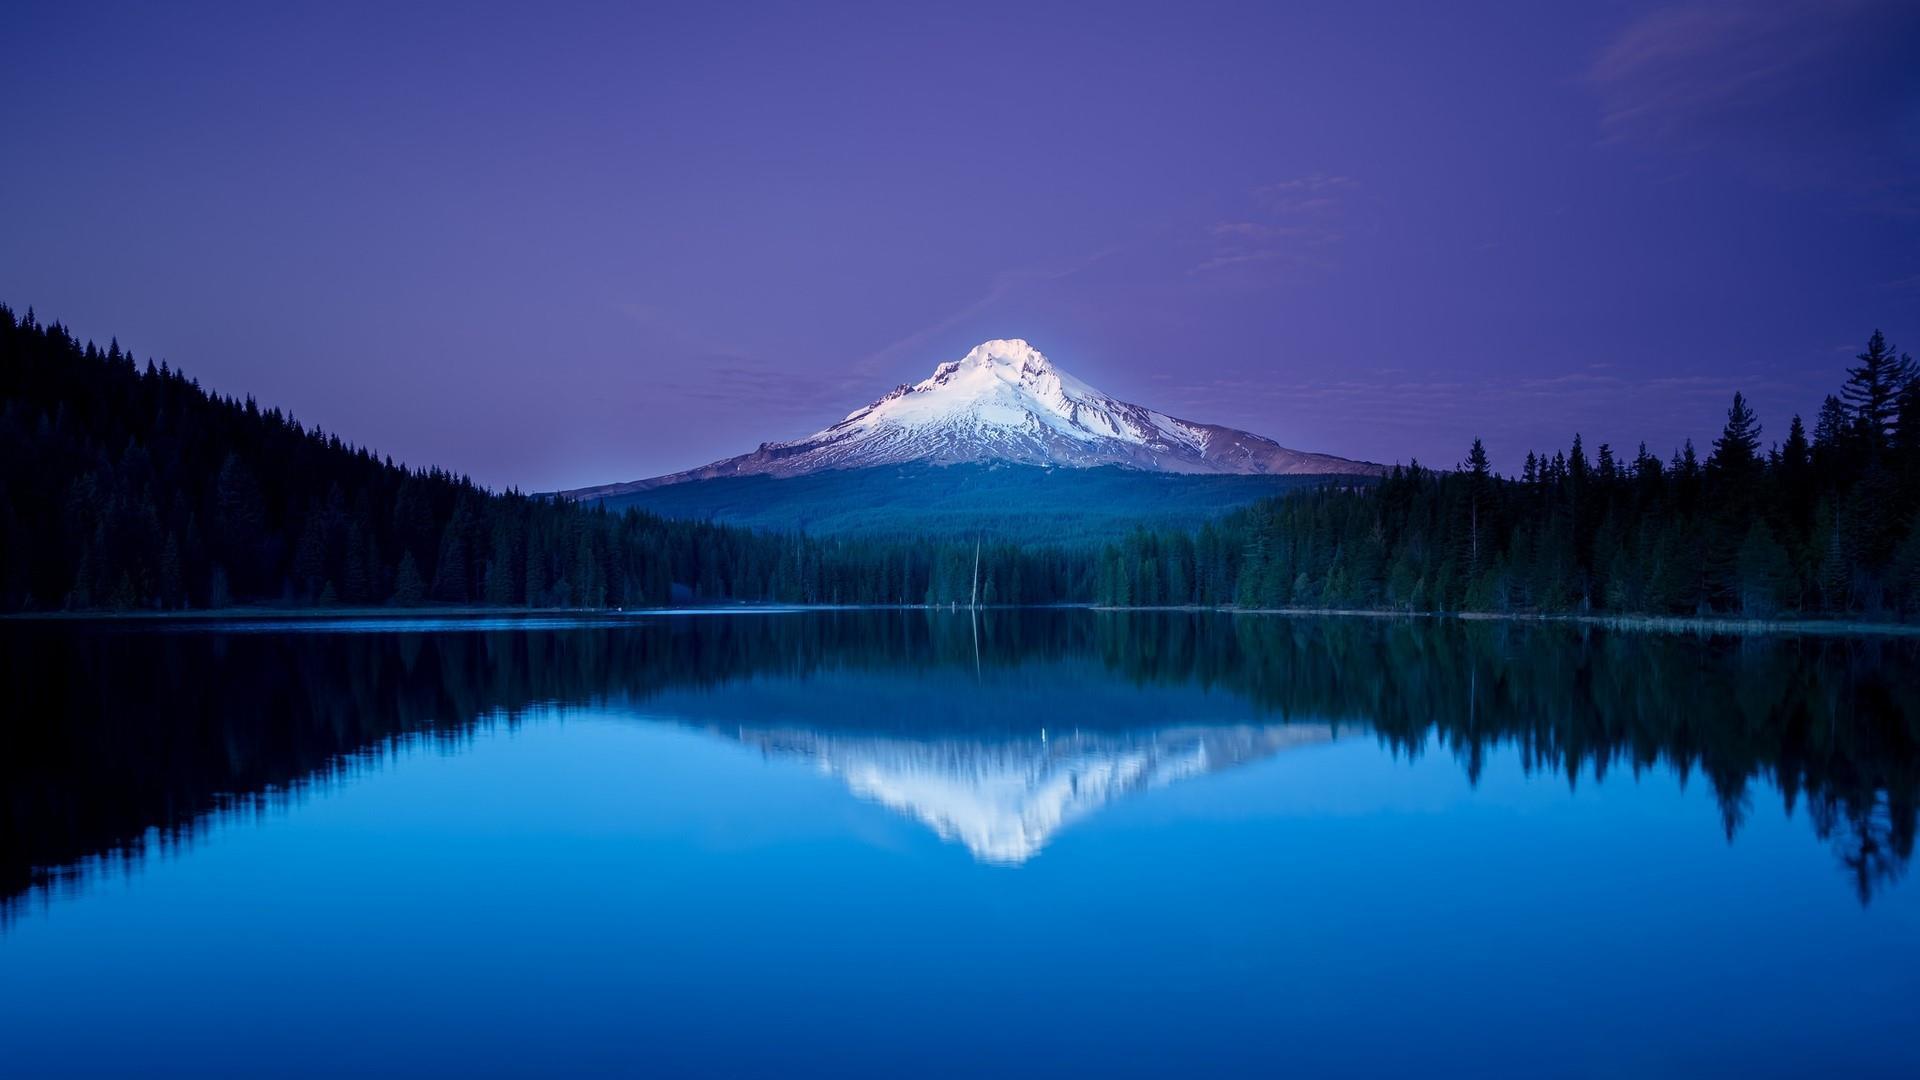 Blue evening reflection wallpaper